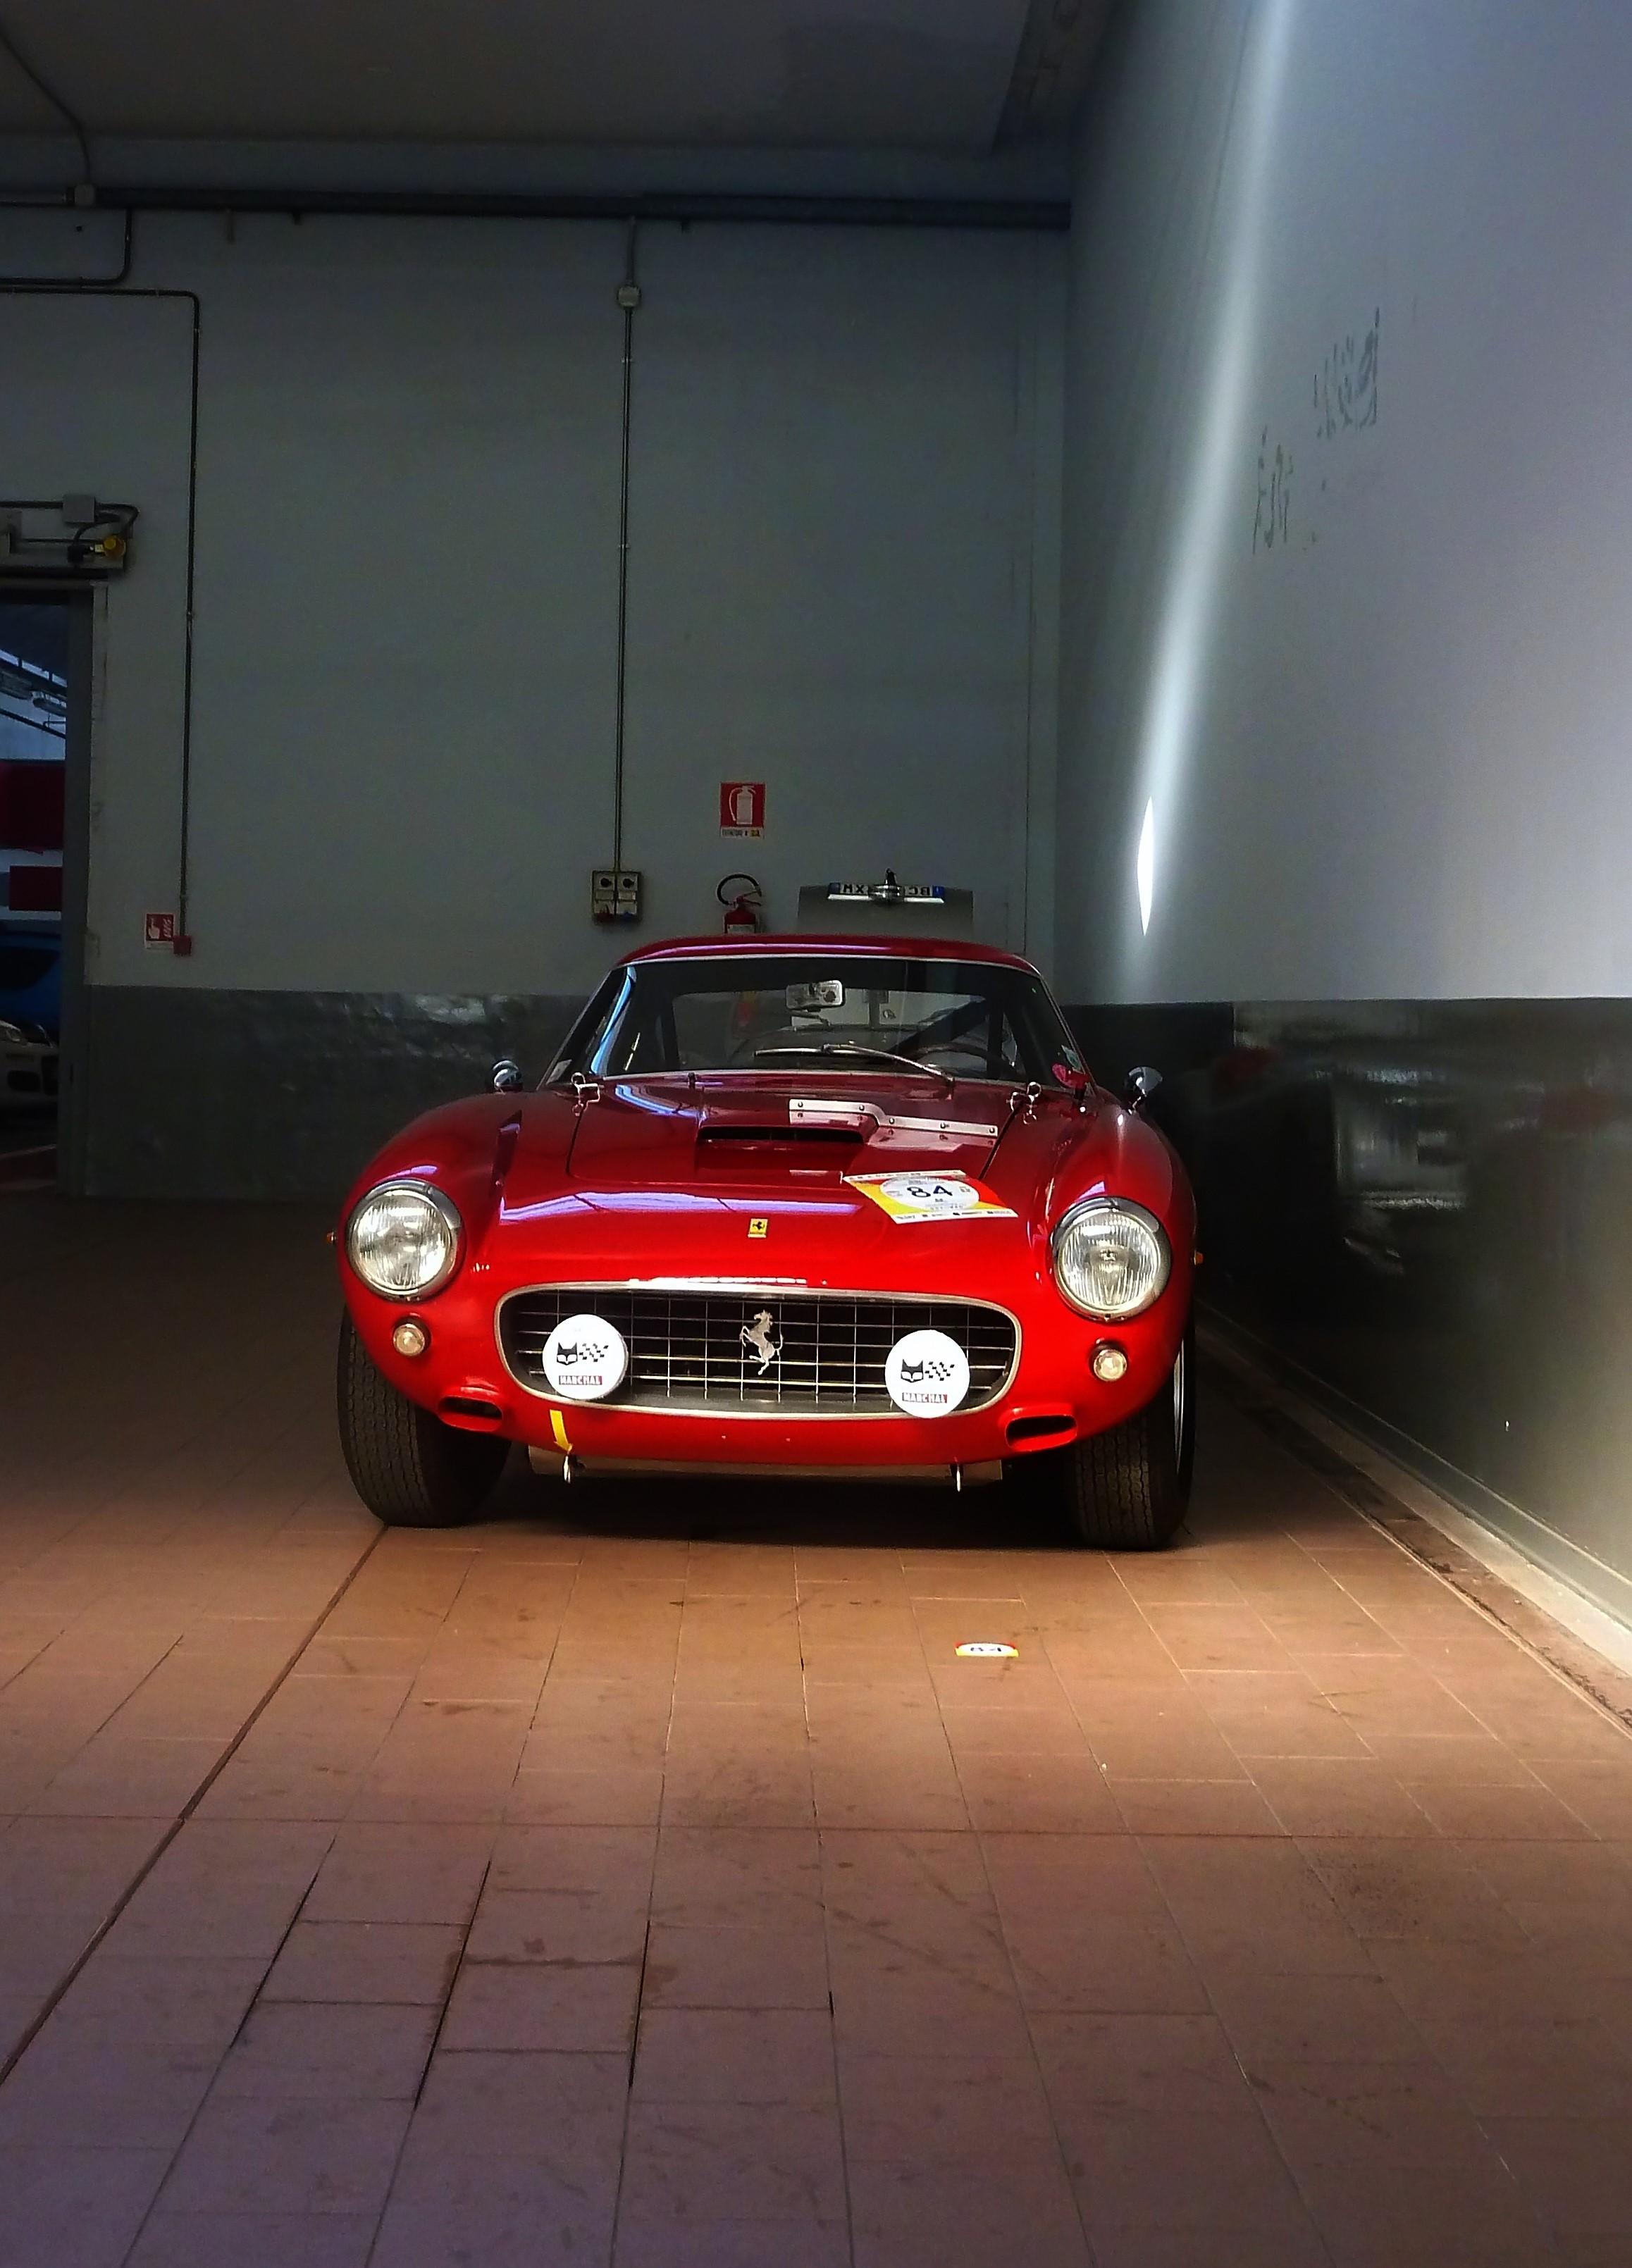 1961 Ferrari 250 GT SWB #2701 (95)_filtered